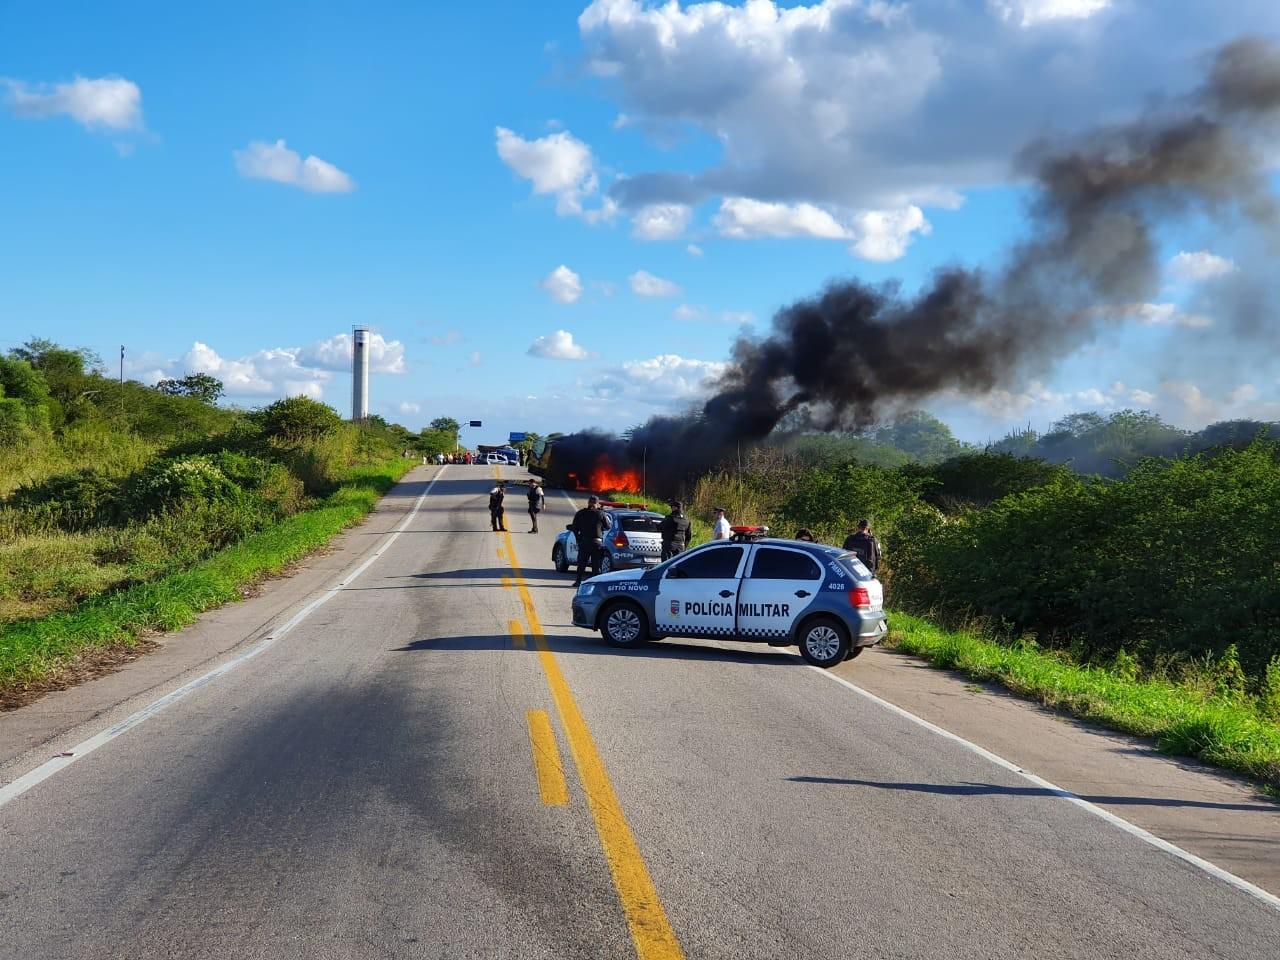 Carro-forte é explodido por criminosos na BR 226 no interior do RN - Notícias - Plantão Diário